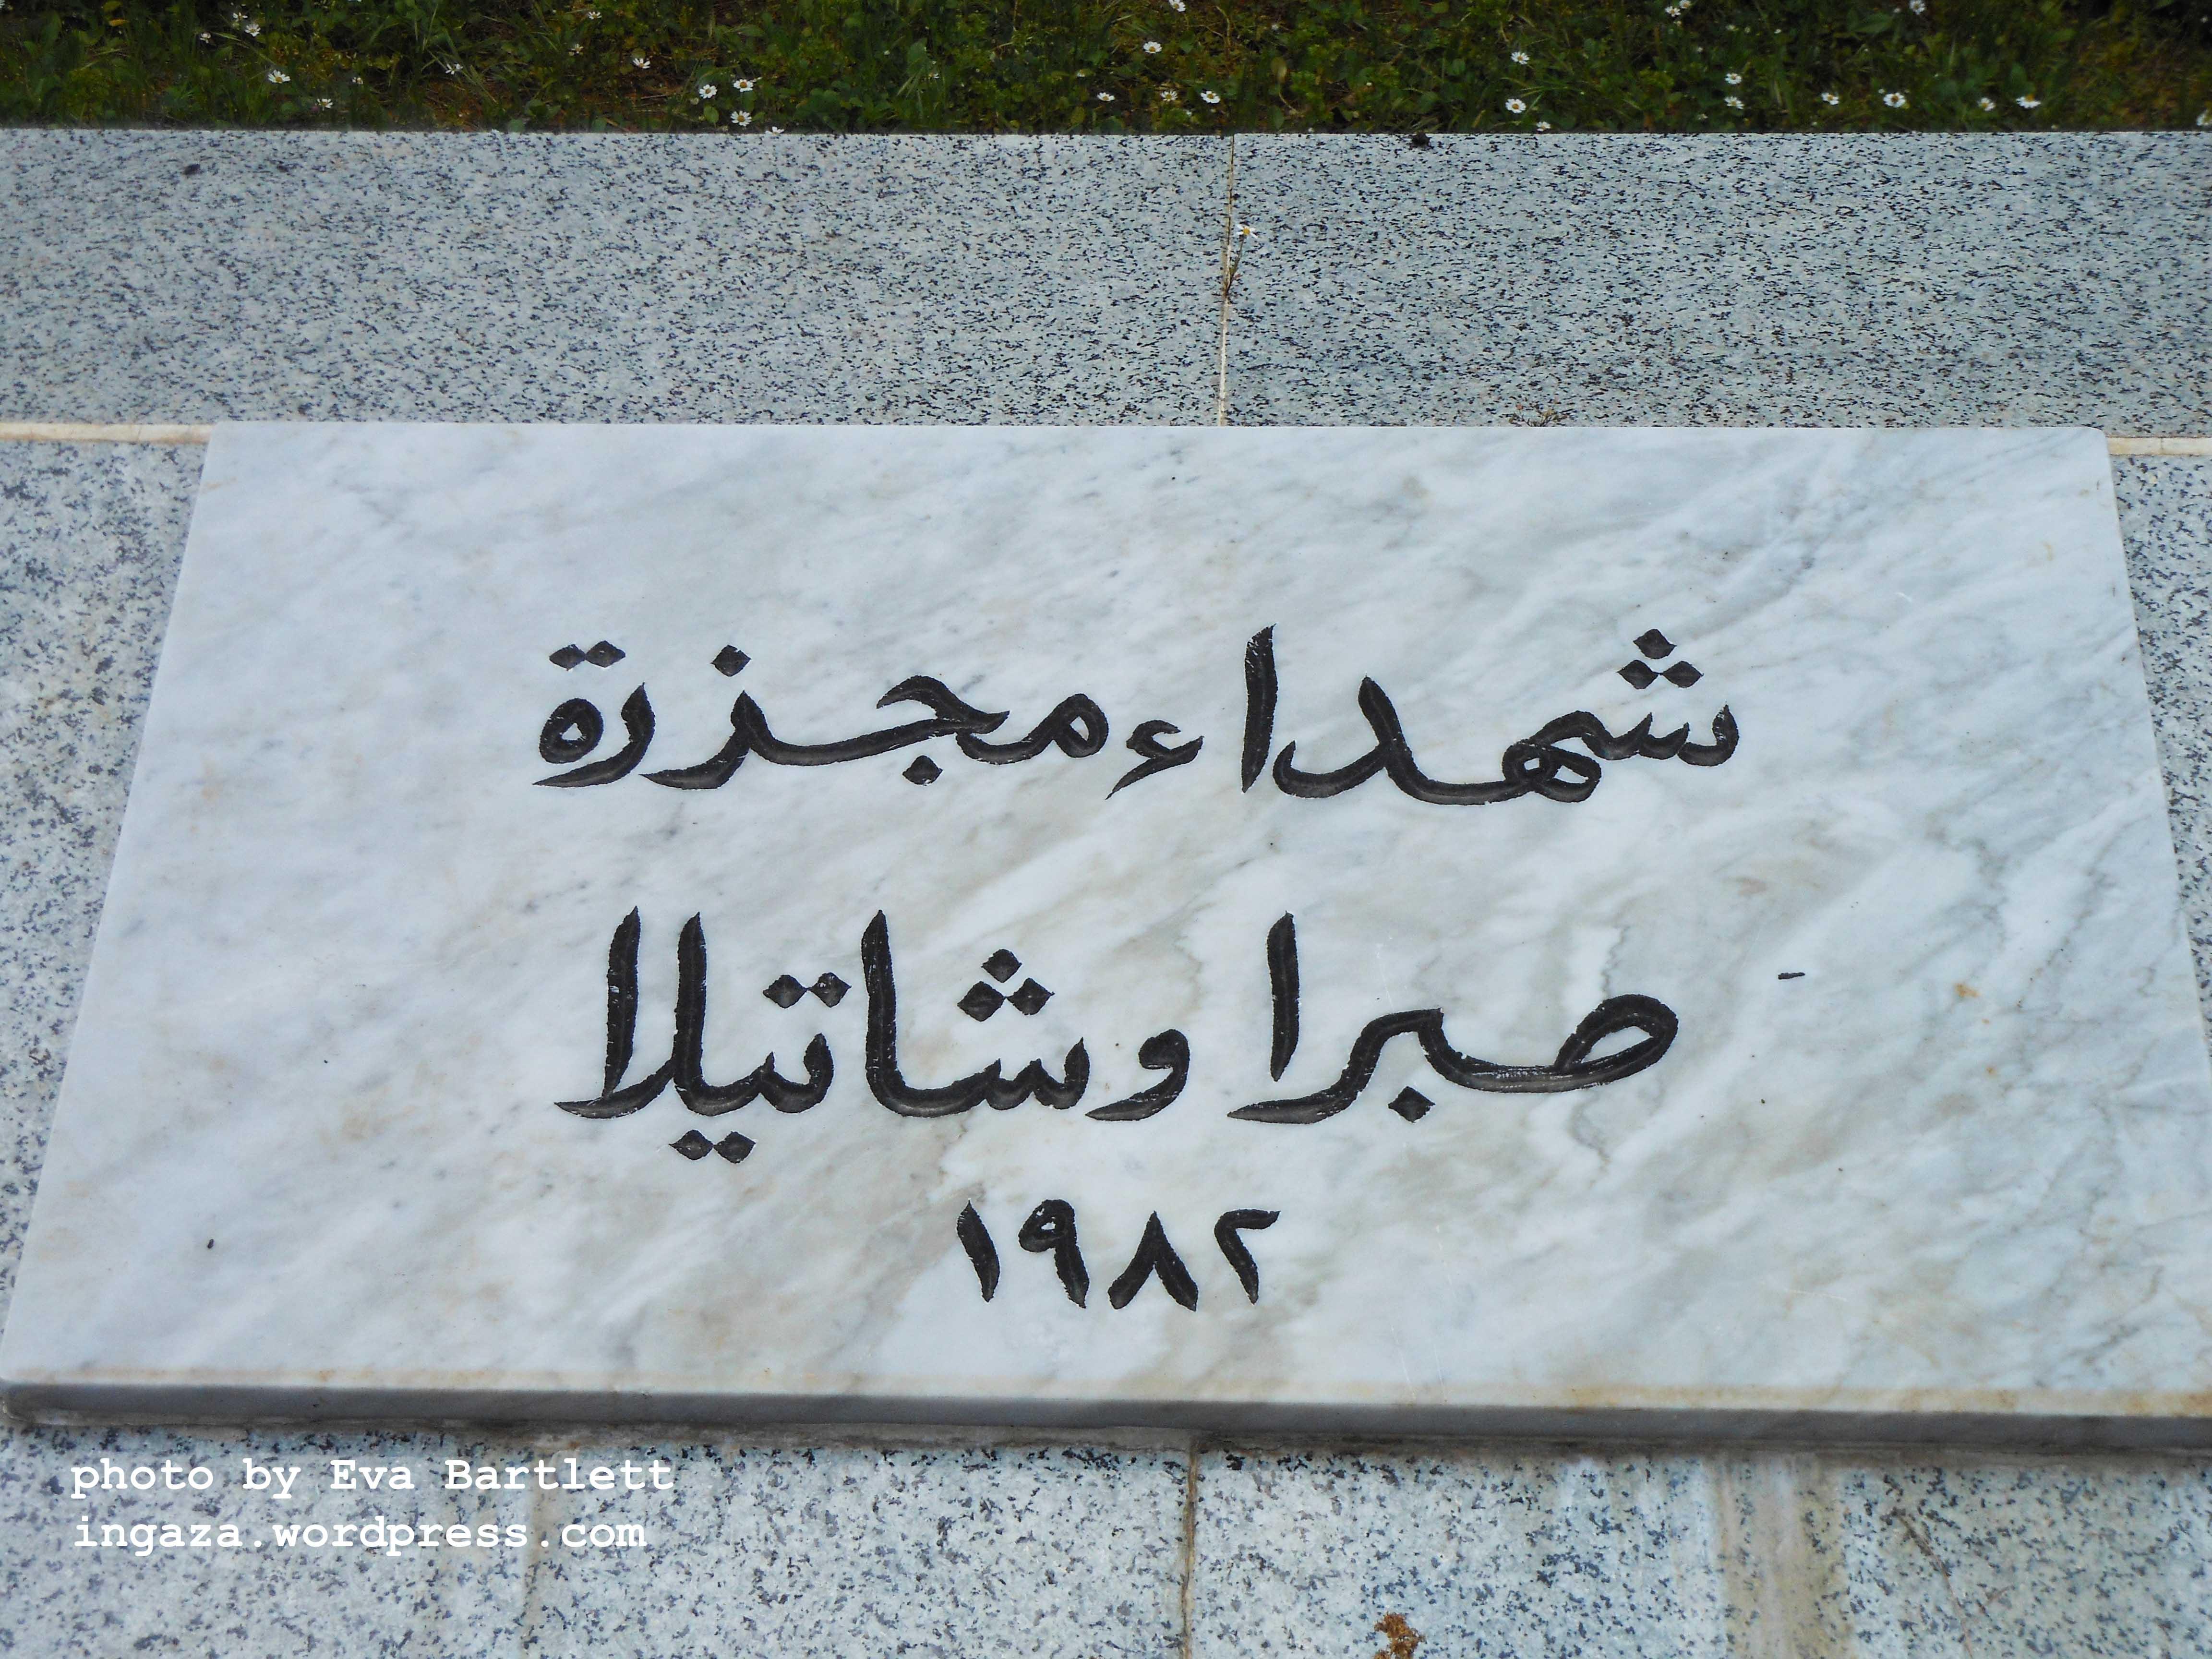 ناجون من مذبحة صبرا وشاتيلا: الاحتلال قطع جثث الأطفال الفلسطينيين